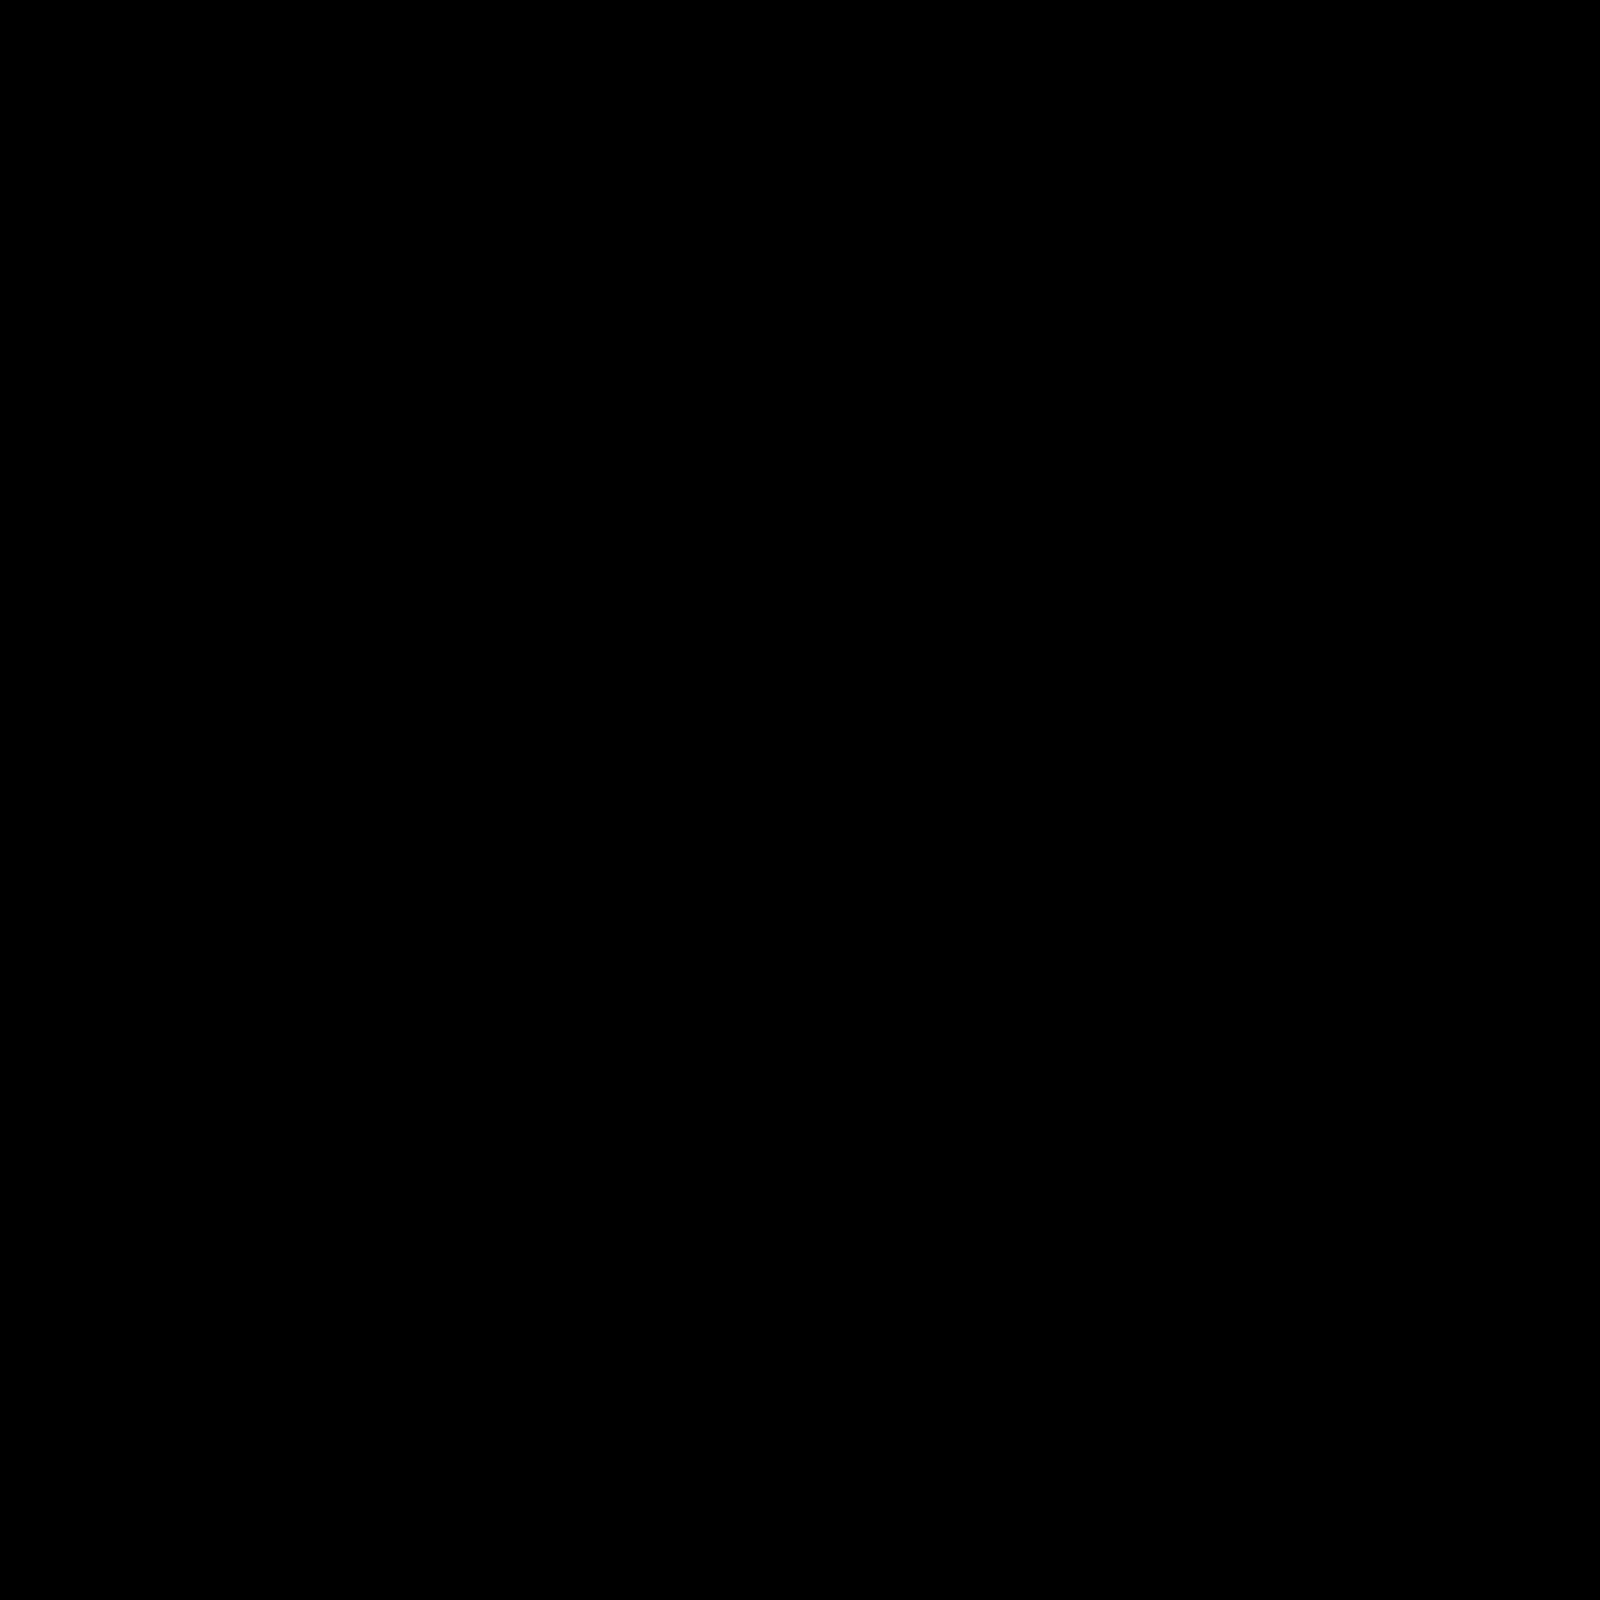 Mensagem com quadrado icon